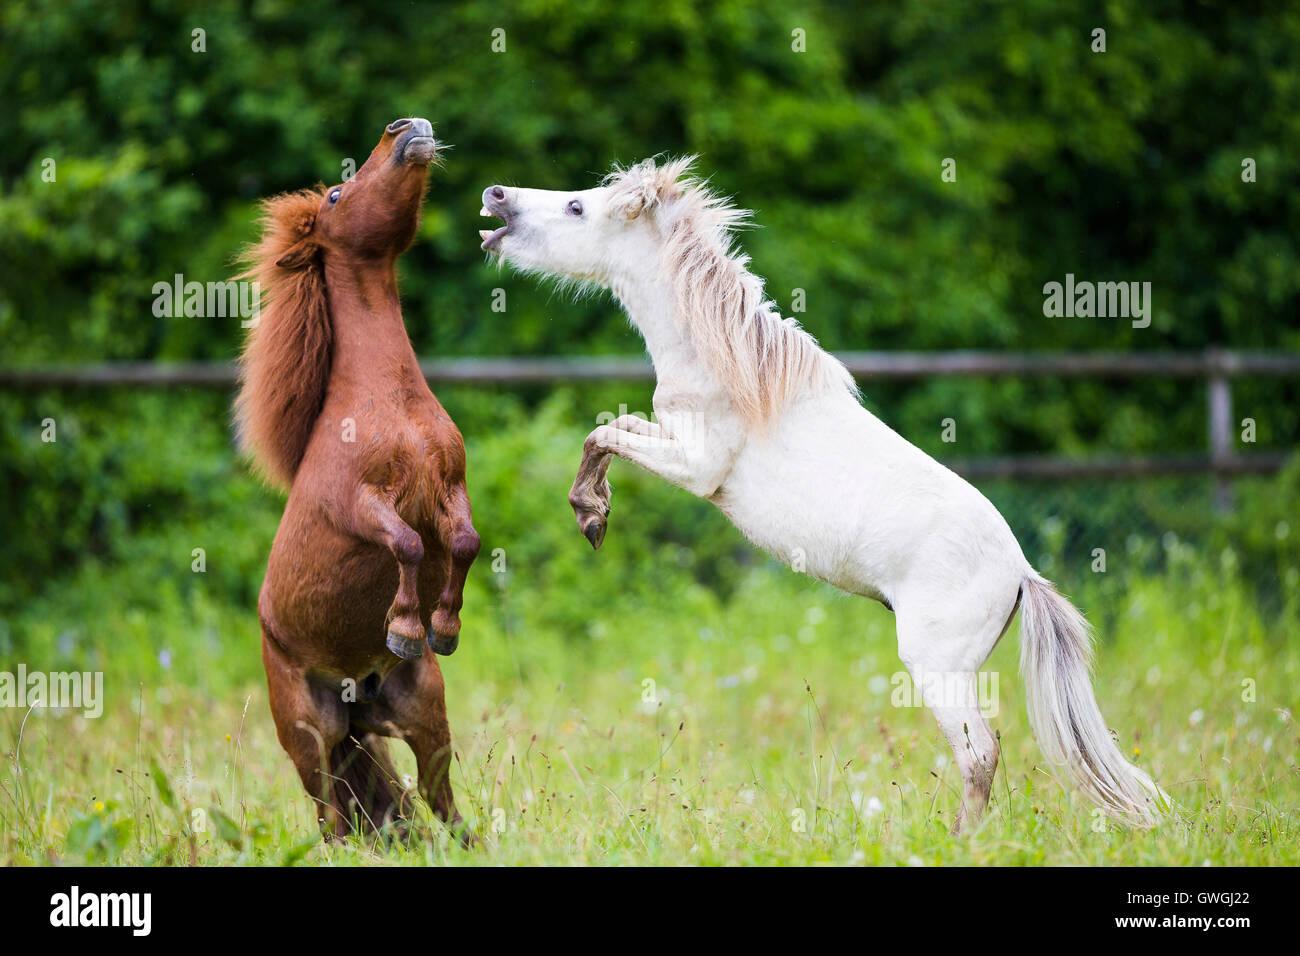 amerikanische minipferd und mini shetland pony zwei jungen hengst spielen k mpfen auf einer. Black Bedroom Furniture Sets. Home Design Ideas